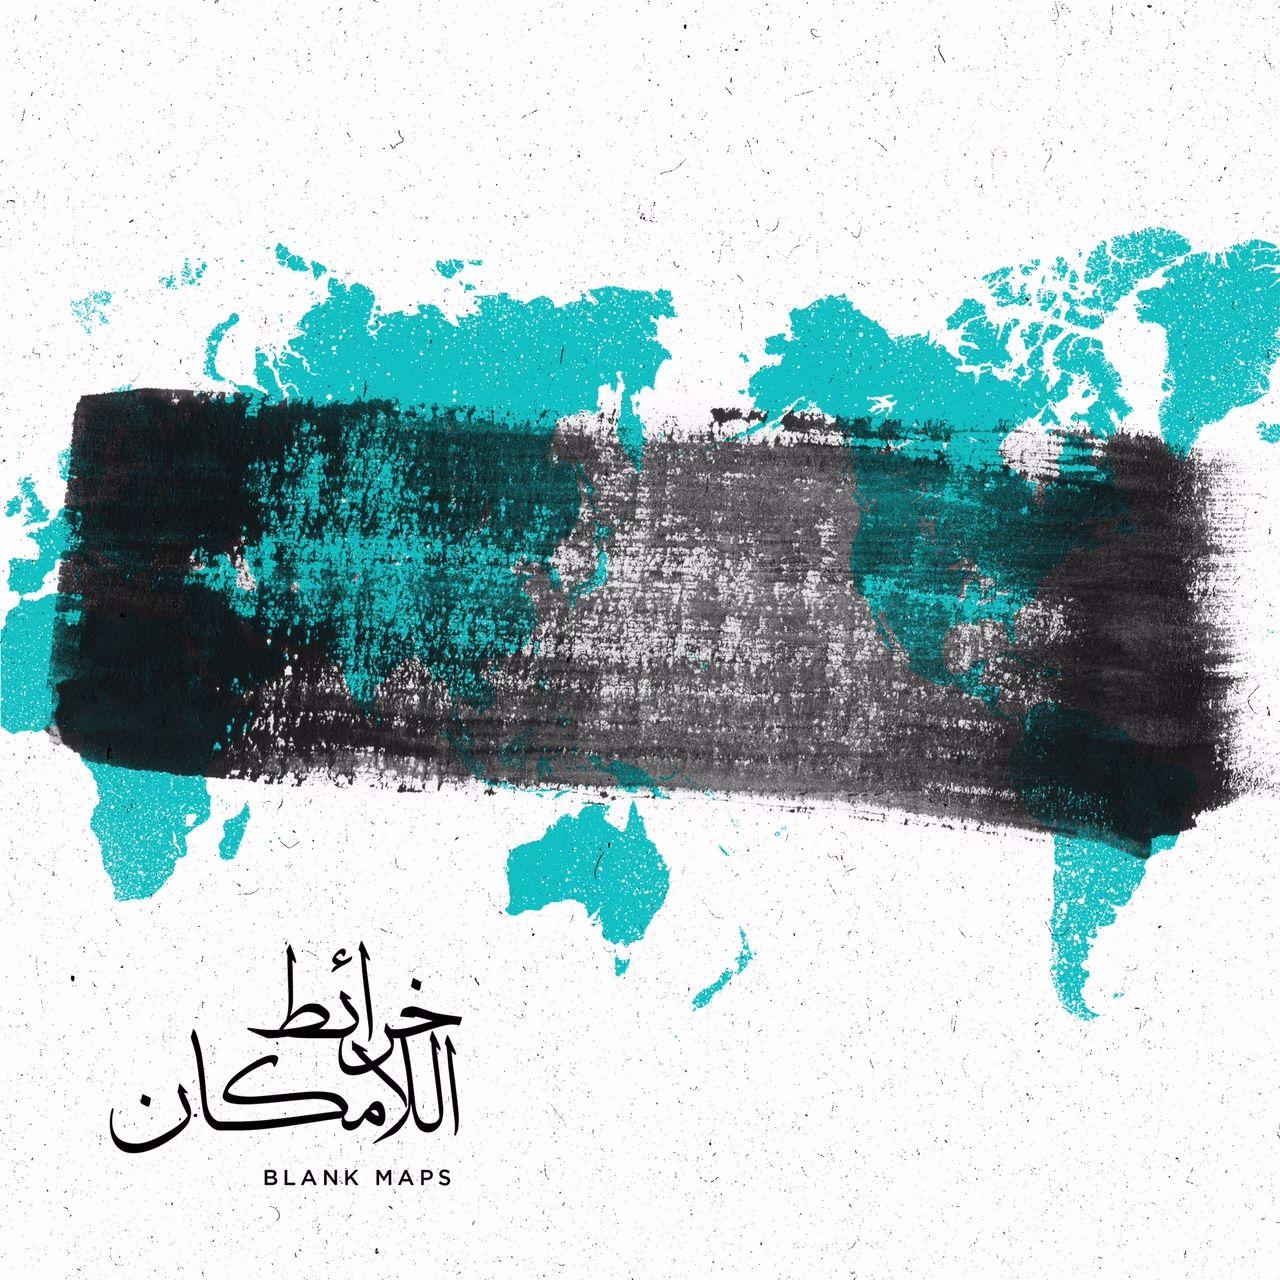 الحلقة الرابعة سراب- صوت من الأردن